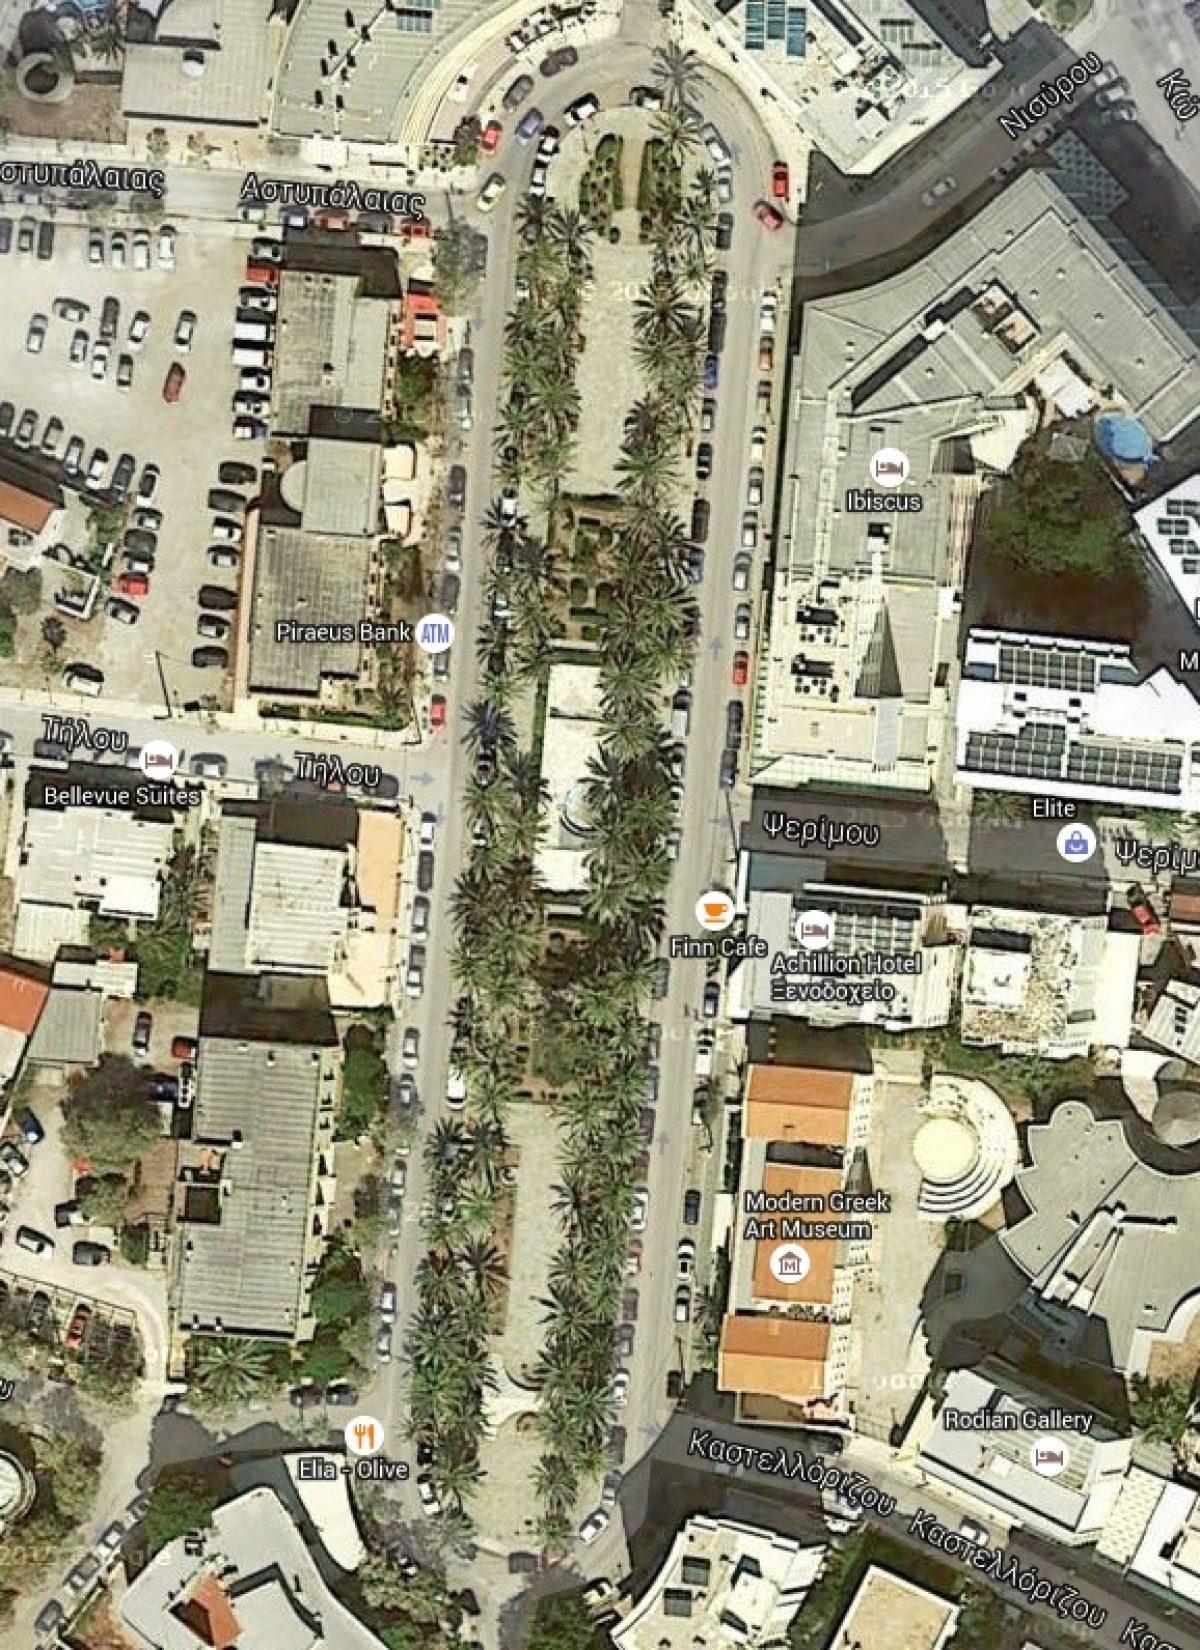 Μεγάλη η επιτυχία του Πανελλήνιου Αρχιτεκτονικού Διαγωνισμού για την Ανάπλαση της Πλ. Χαρίτου στη Ρόδο